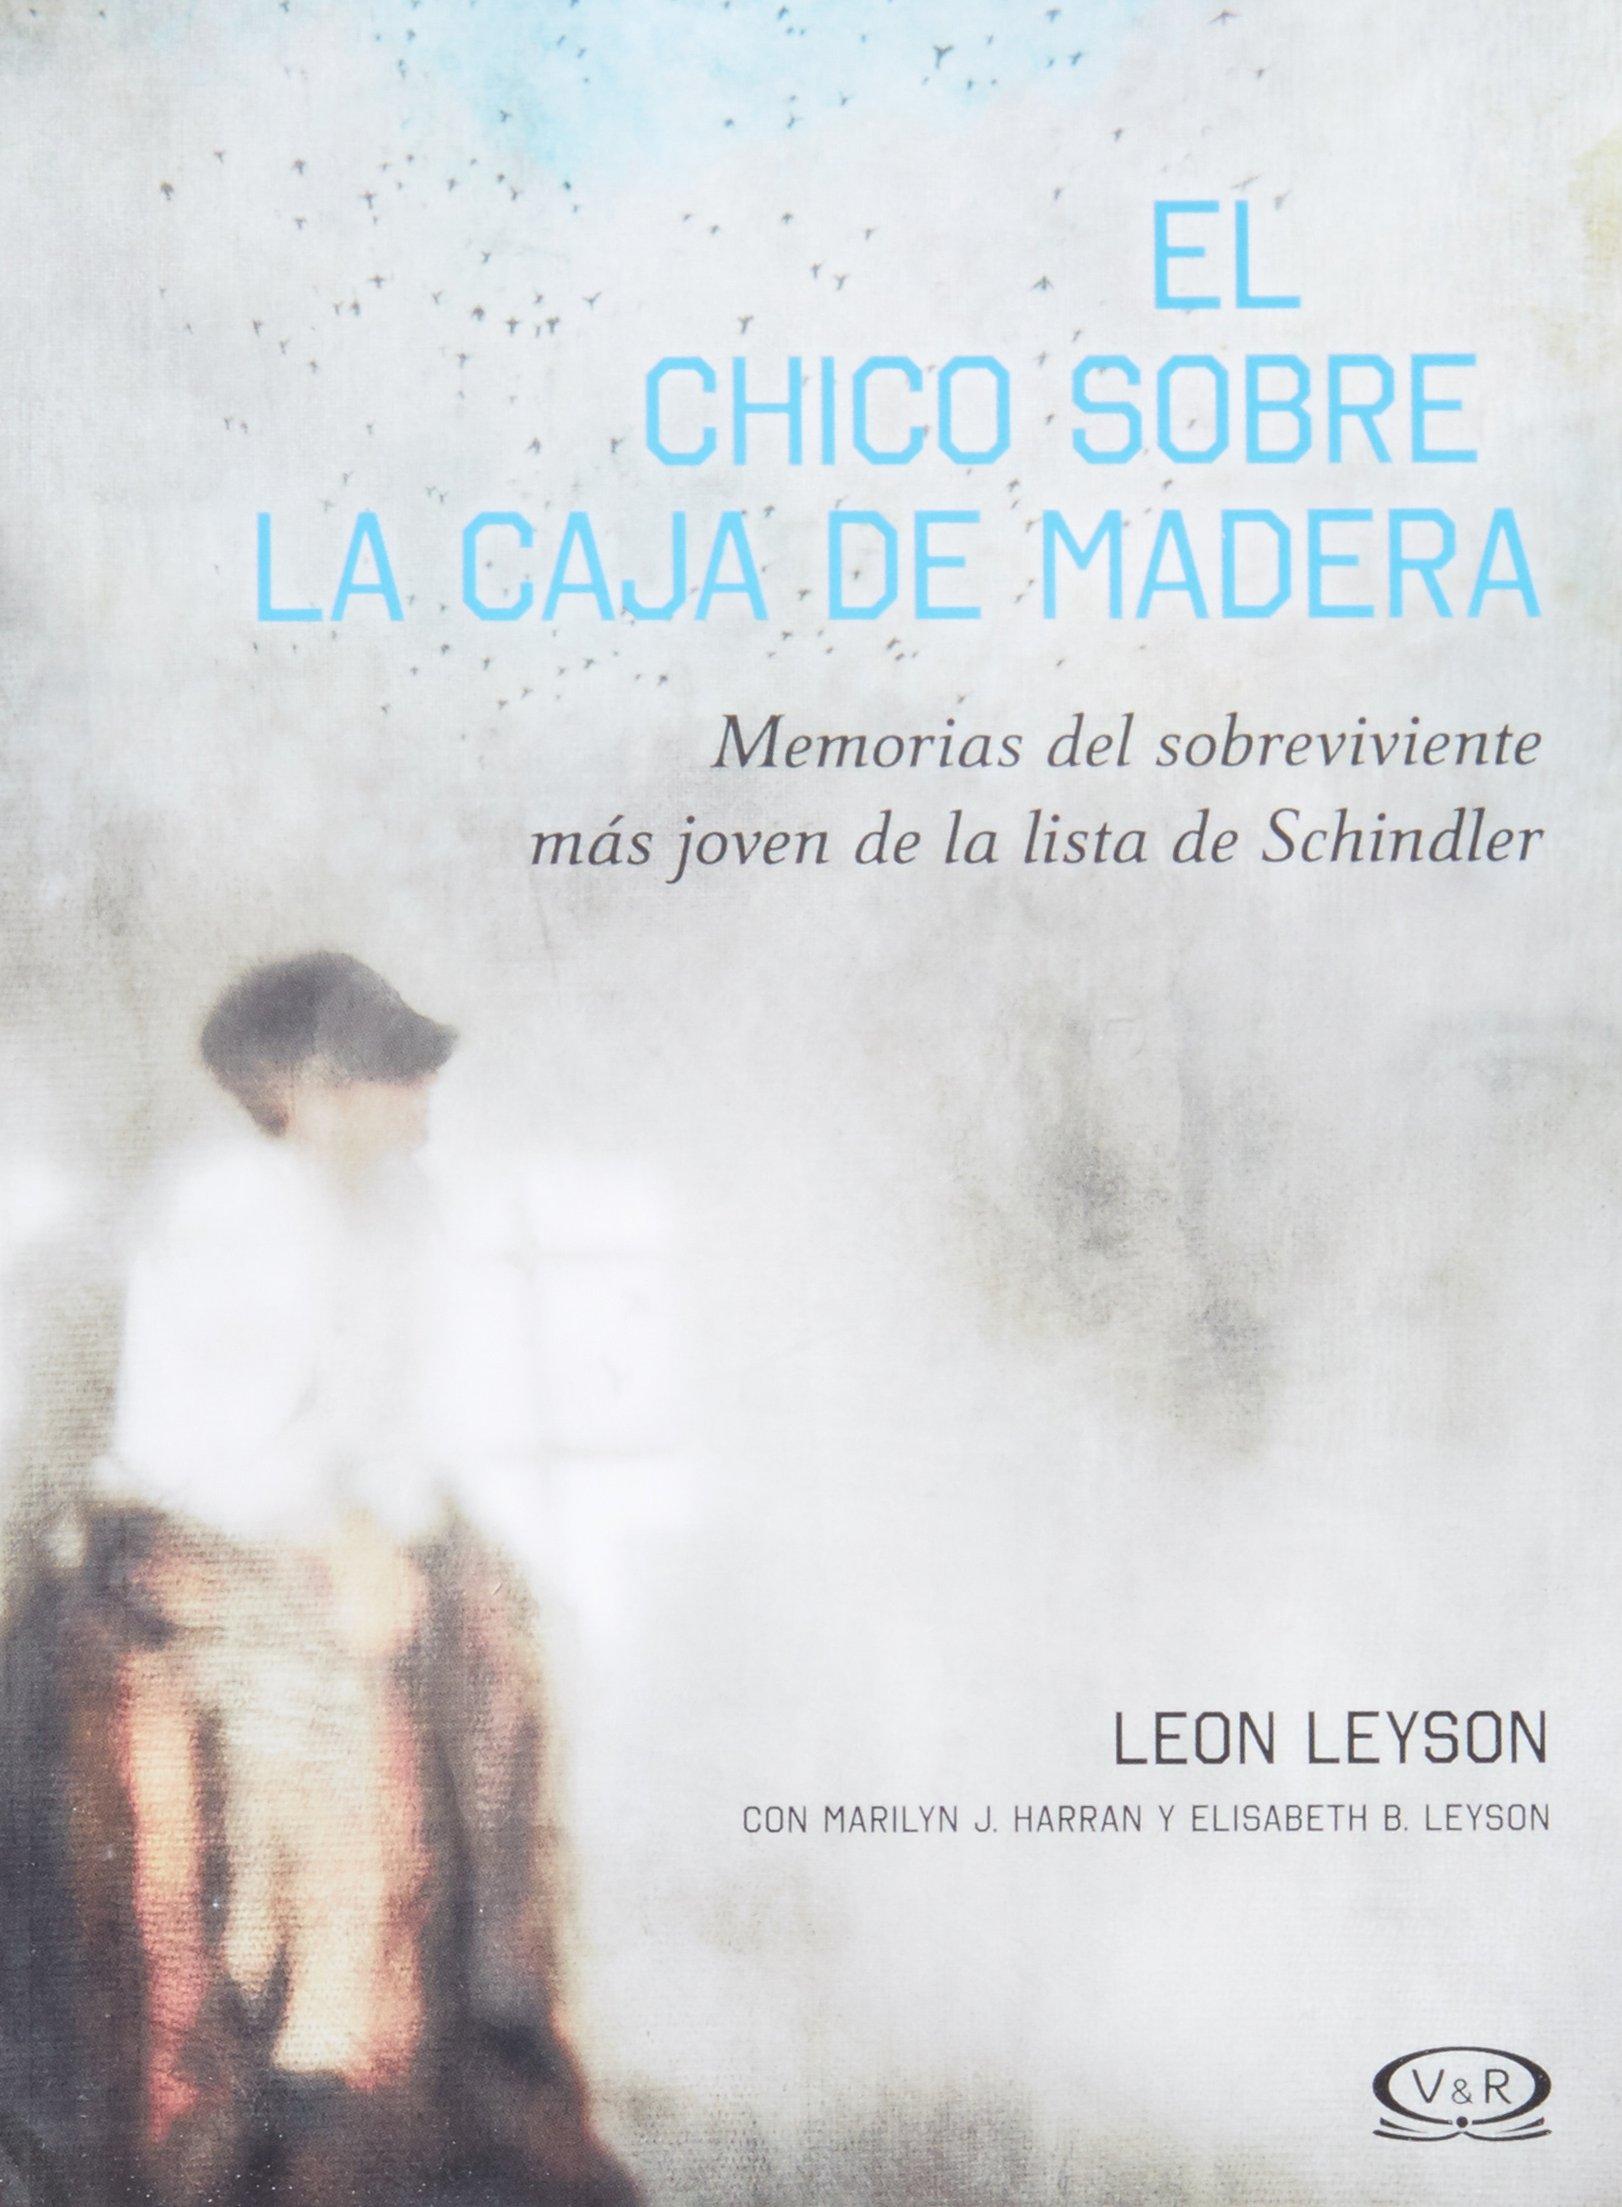 ... la Caja de Madera: Memorias del sobreviviente más joven de la lista de Schindler (Spanish Edition): Leon Leyson, V&R: 9789876127189: Amazon.com: Books